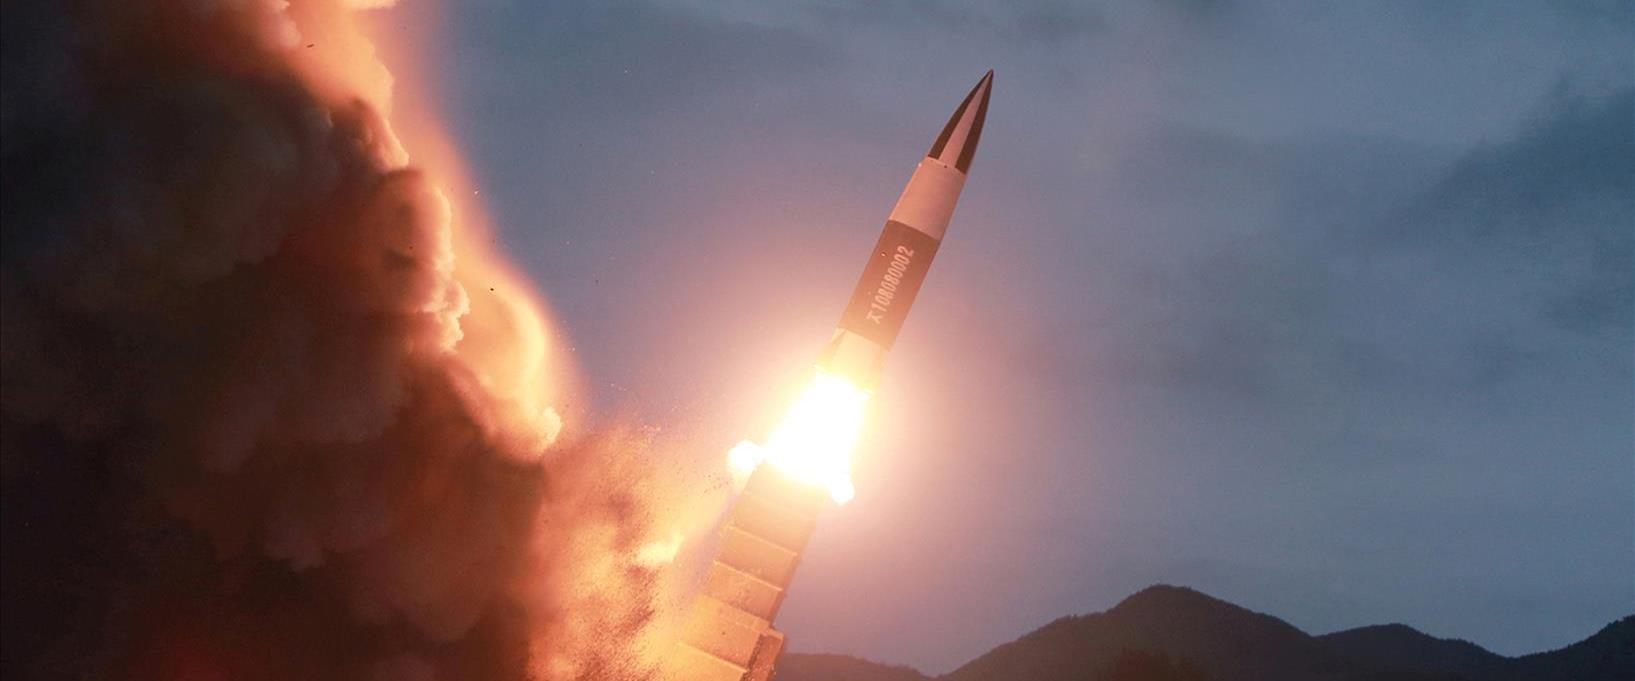 שיגור טילים בקוריאה הצפונית, הלילה